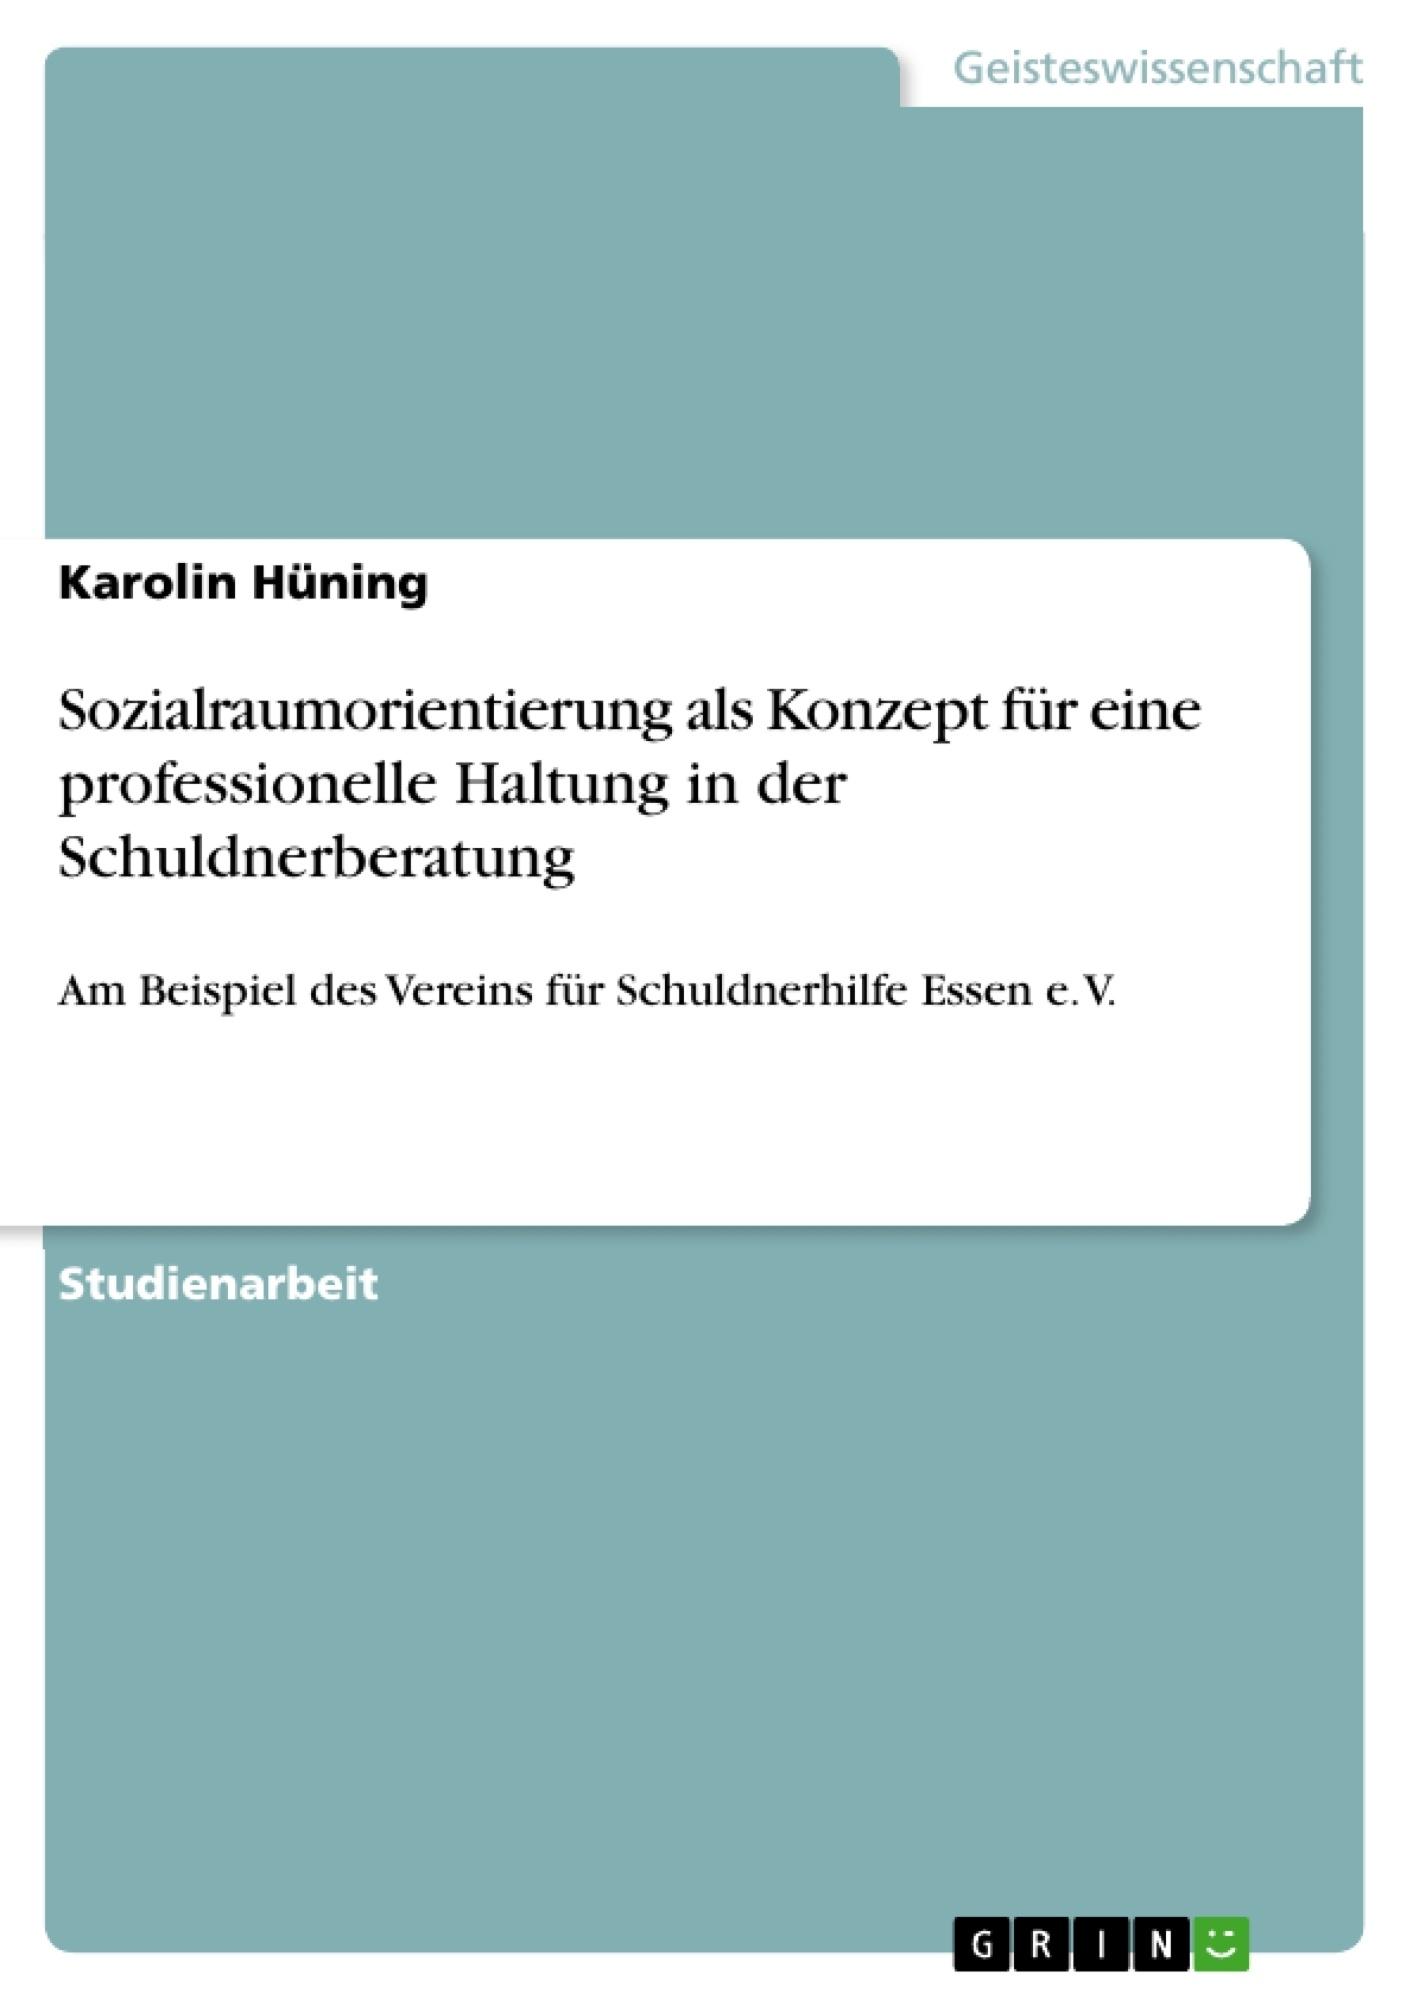 Titel: Sozialraumorientierung als Konzept für eine professionelle Haltung in der Schuldnerberatung